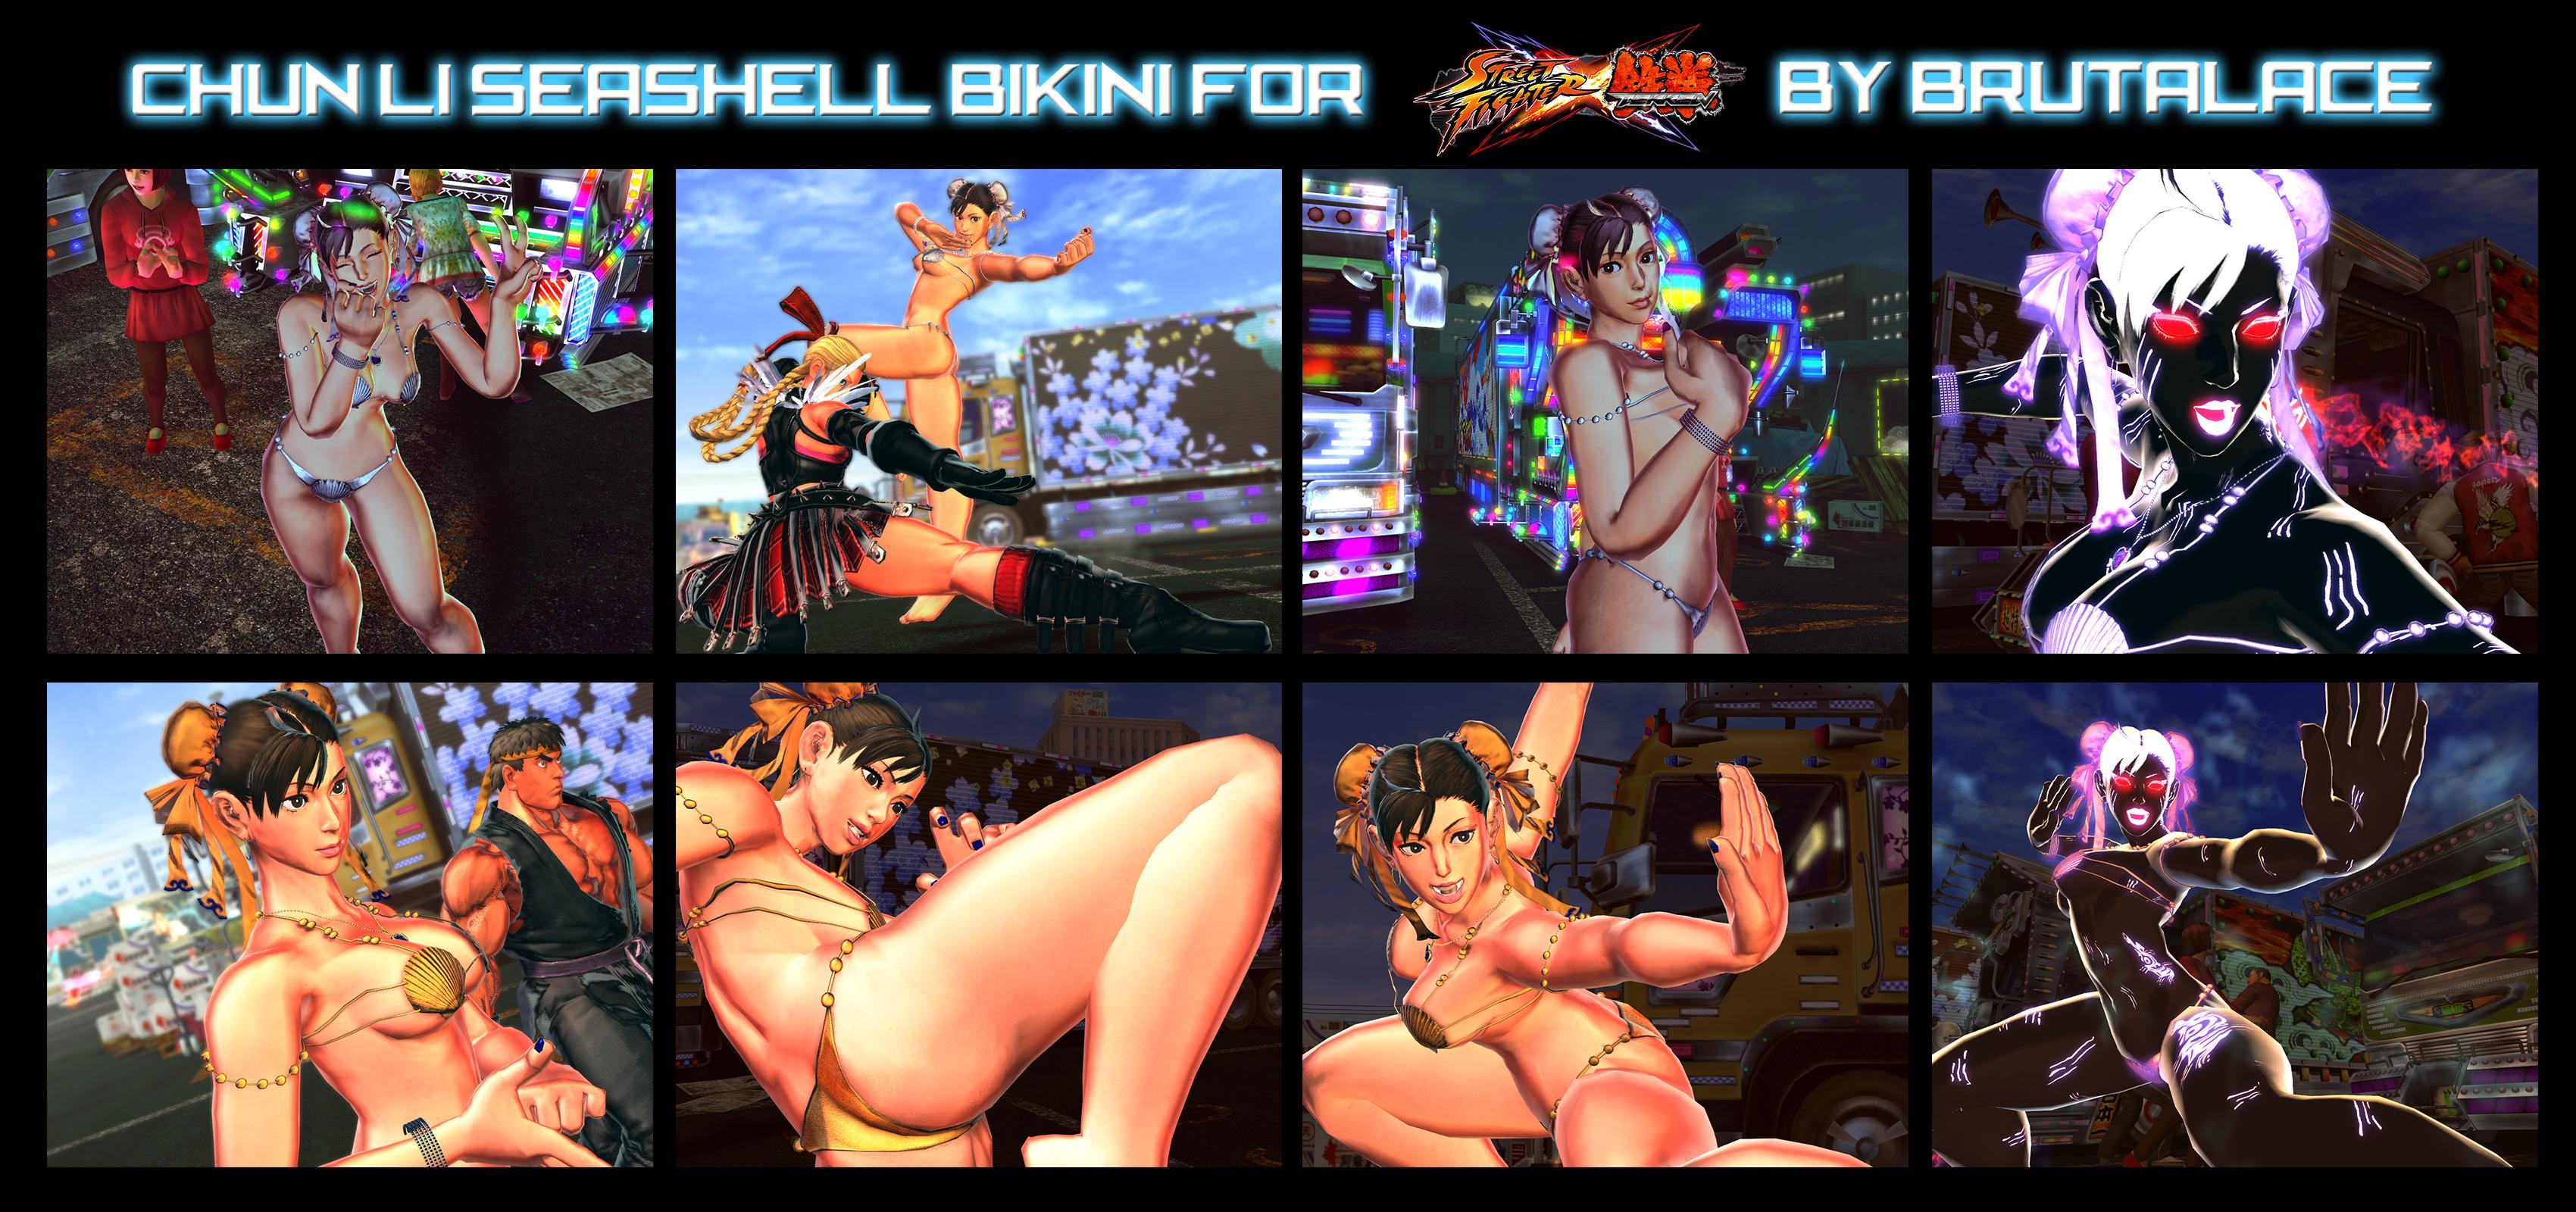 Chun li bikini pictures